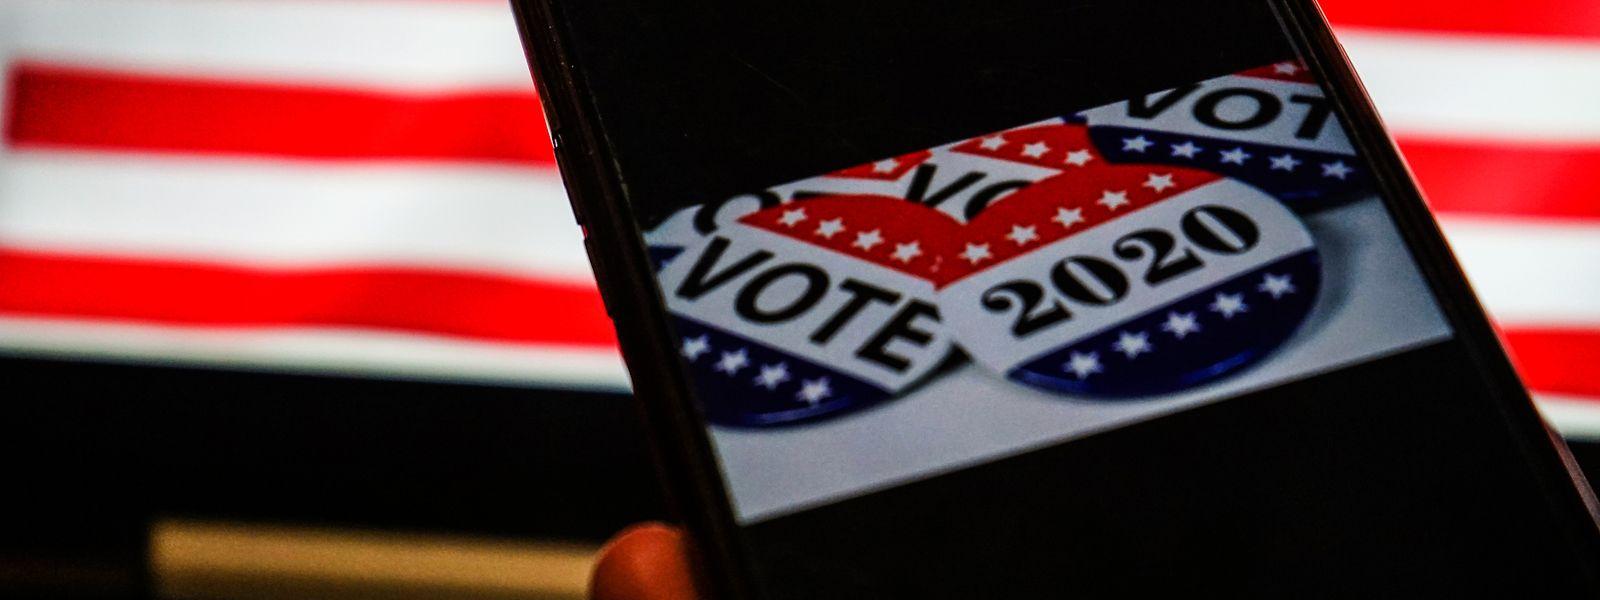 Dutzende Millionen Amerikaner haben bereits gewählt und ihre Stimme per Brief oder im Wahllokal abgegeben.